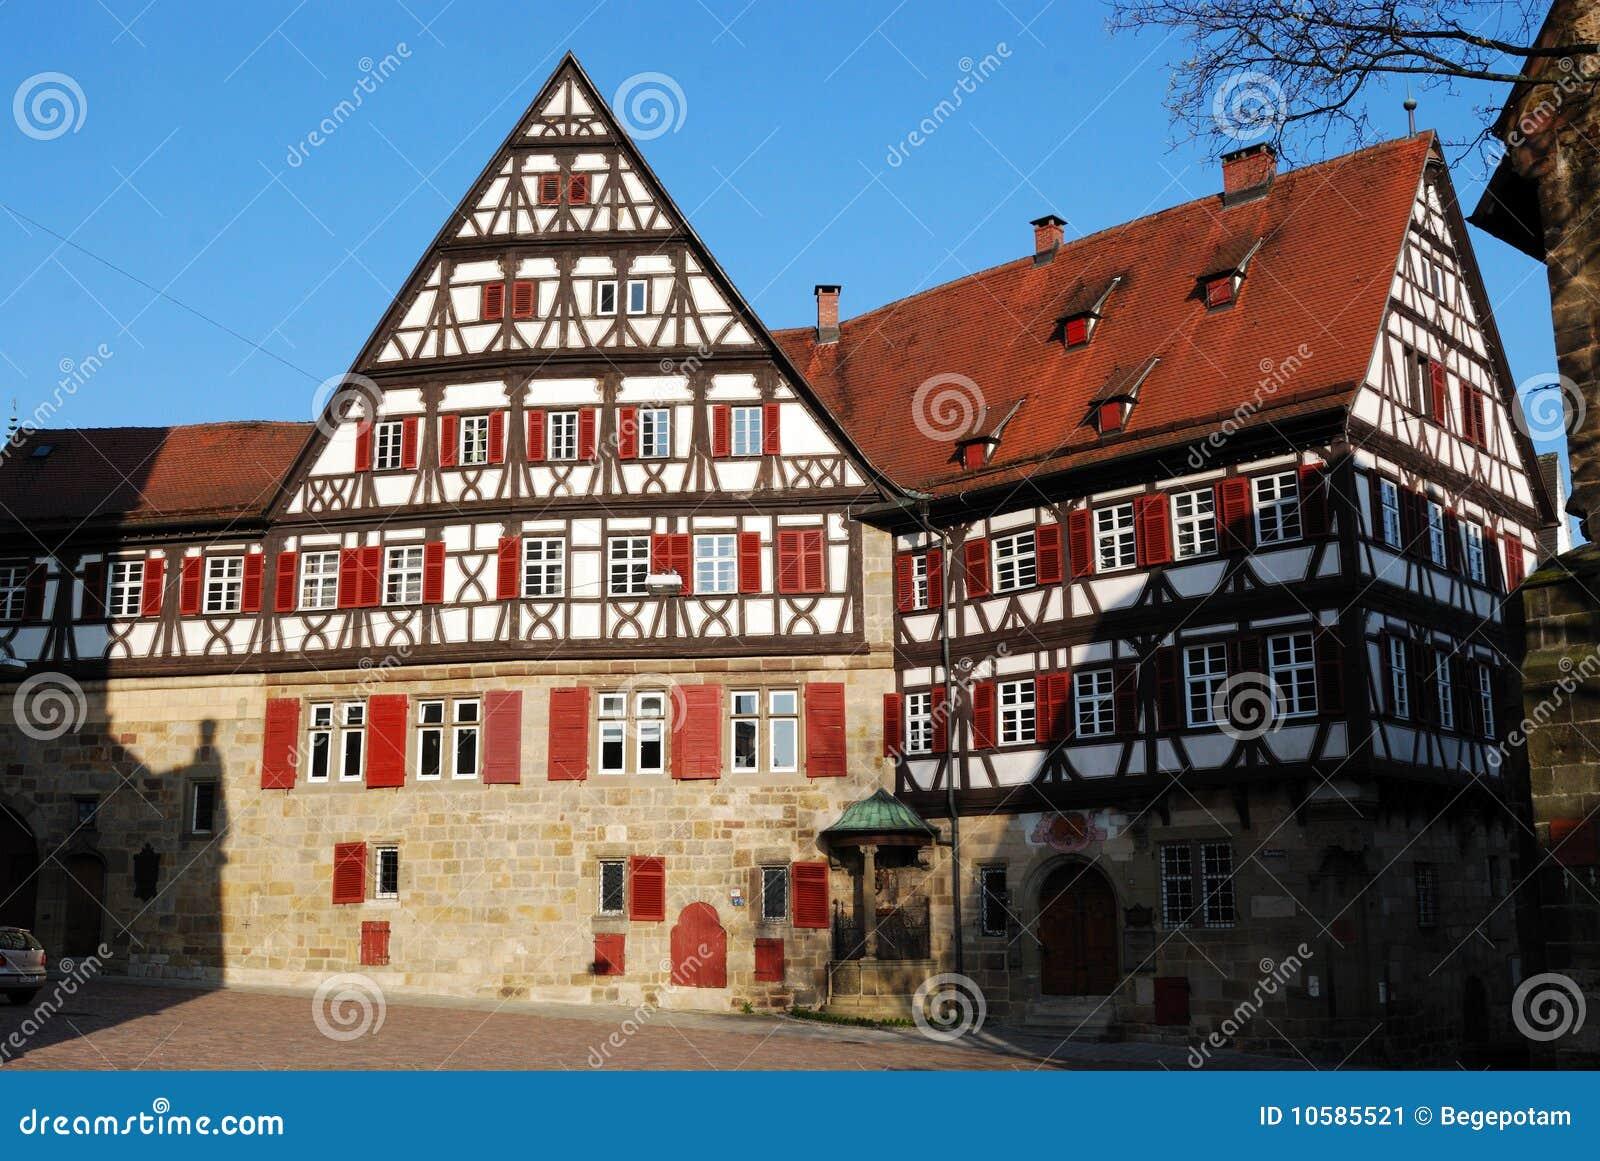 Middeleeuws huis in stuttgart esslingen stadscentrum stock afbeelding afbeelding 10585521 - Foto huis in l ...